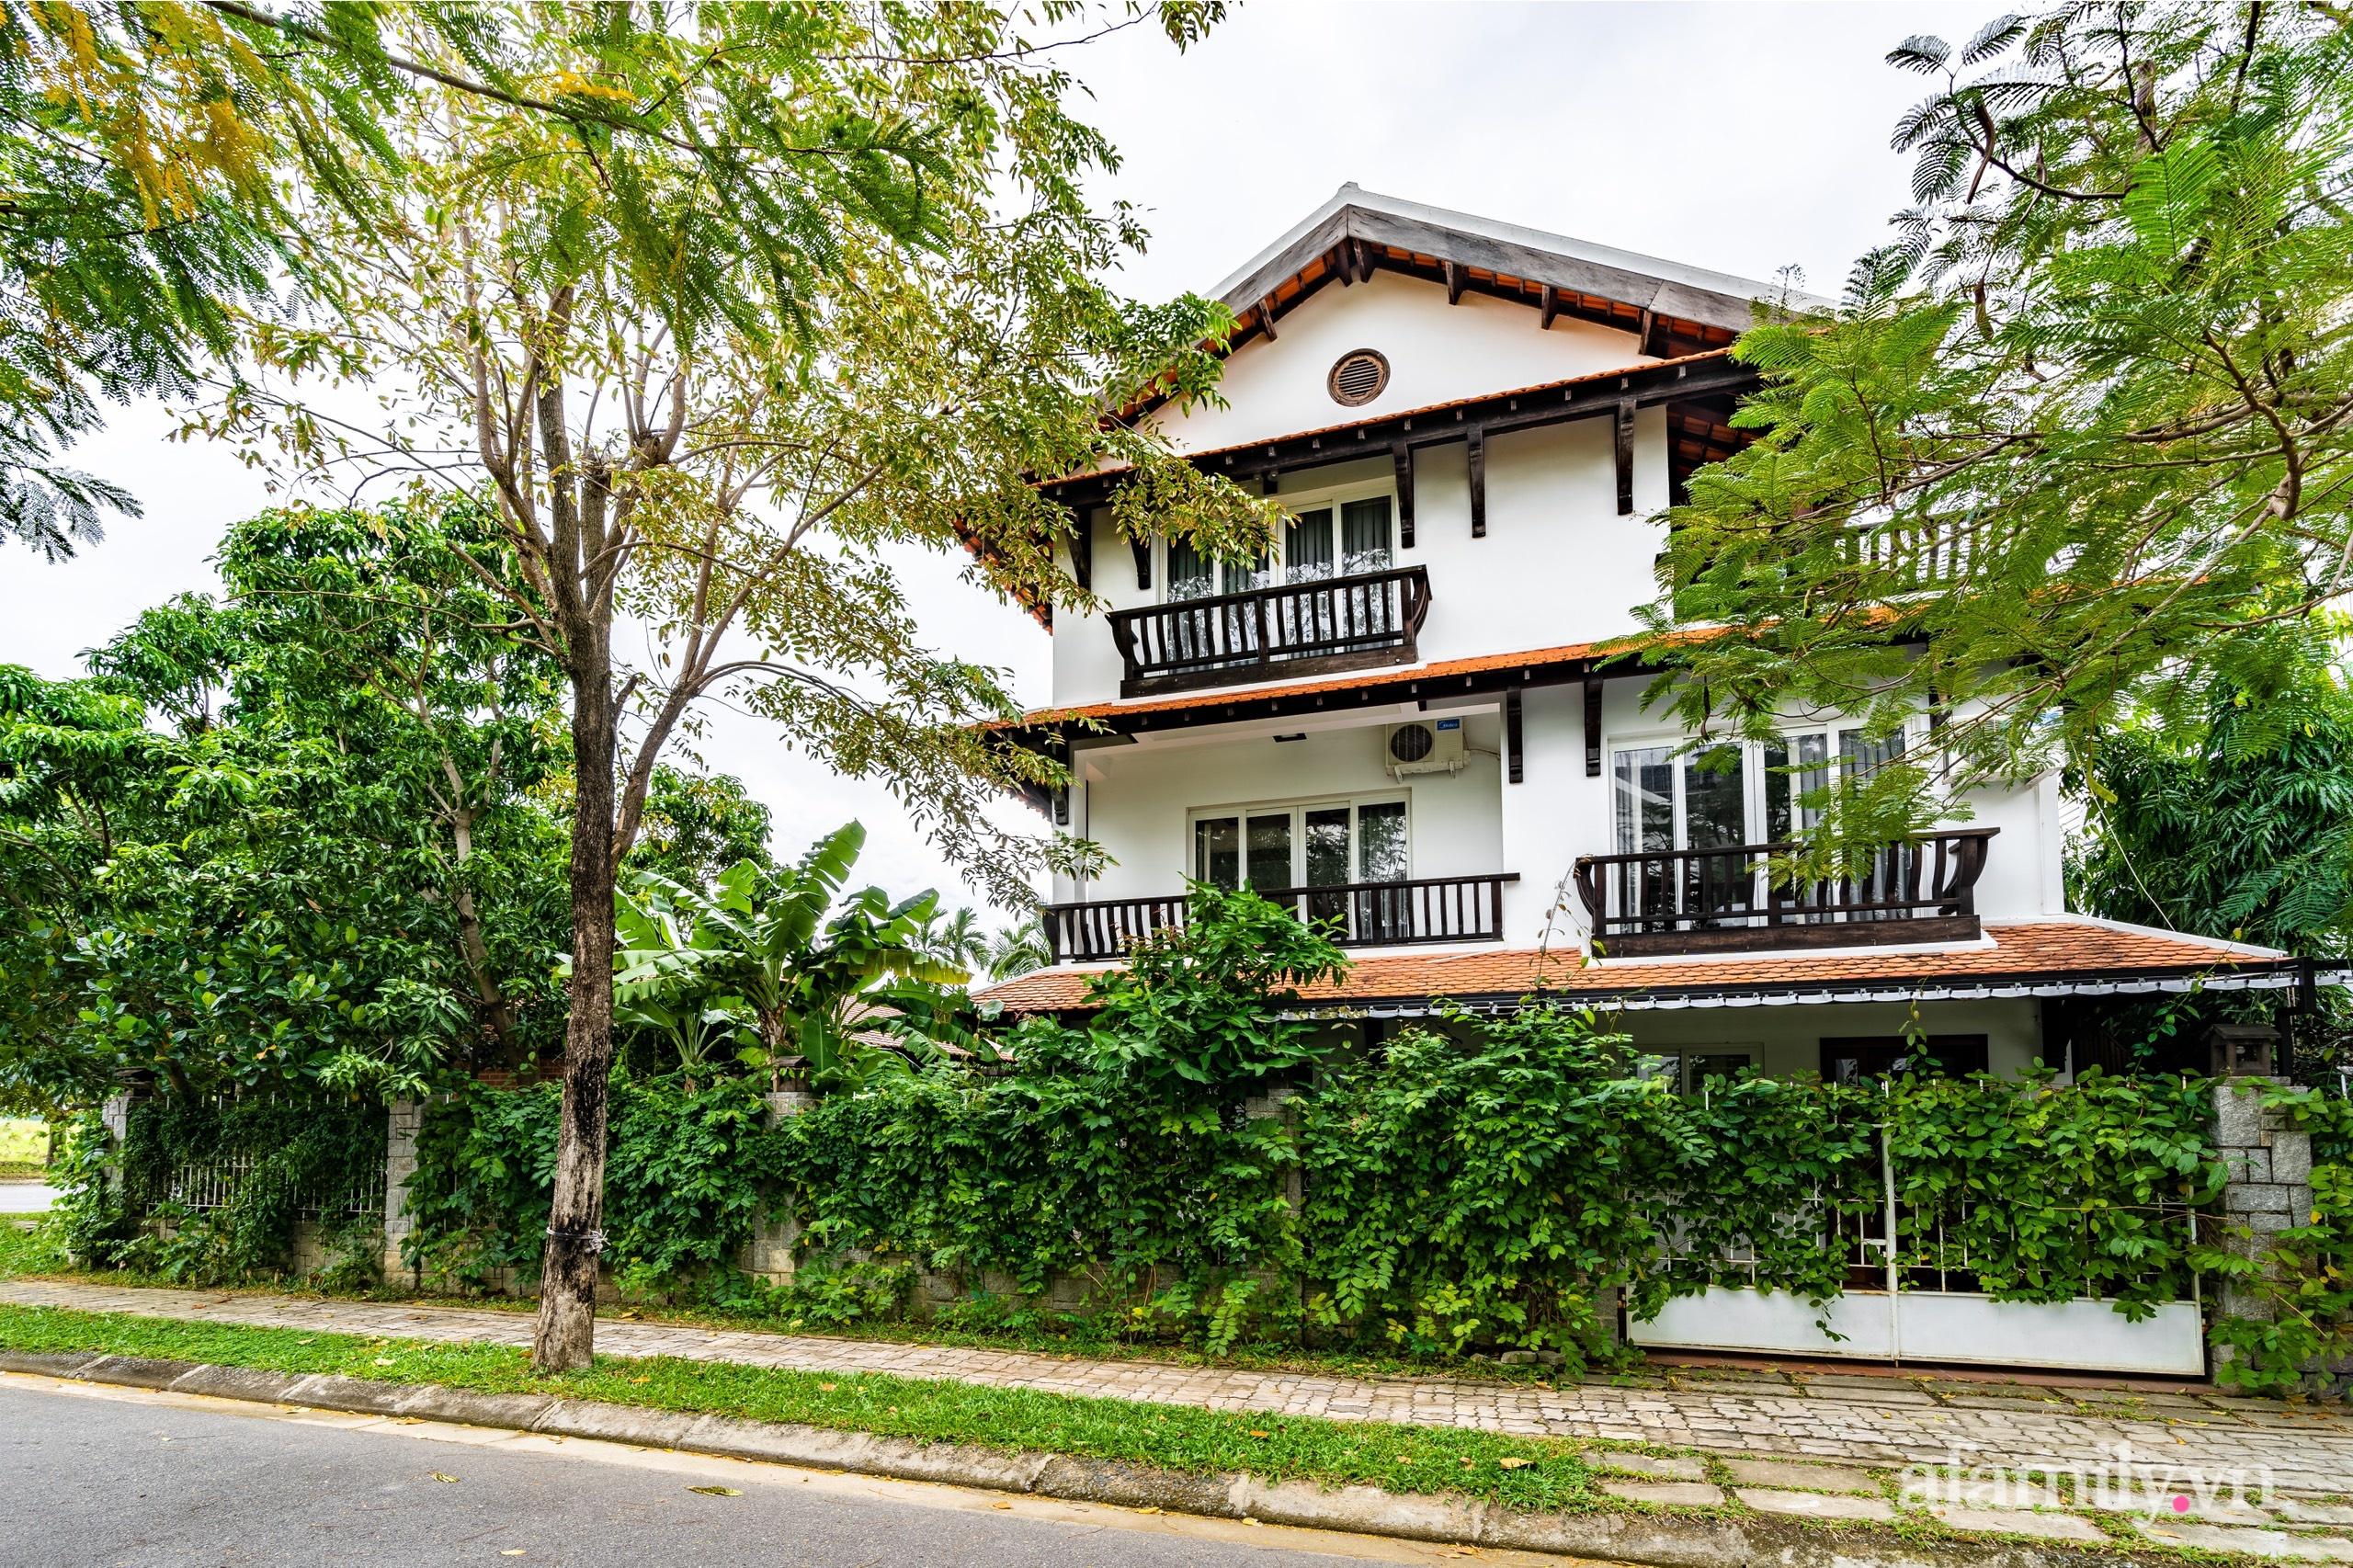 Căn nhà vườn xây 10 năm vẫn đẹp hút mắt với nội thất gỗ và cây xanh quanh nhà ở Nha Trang-3